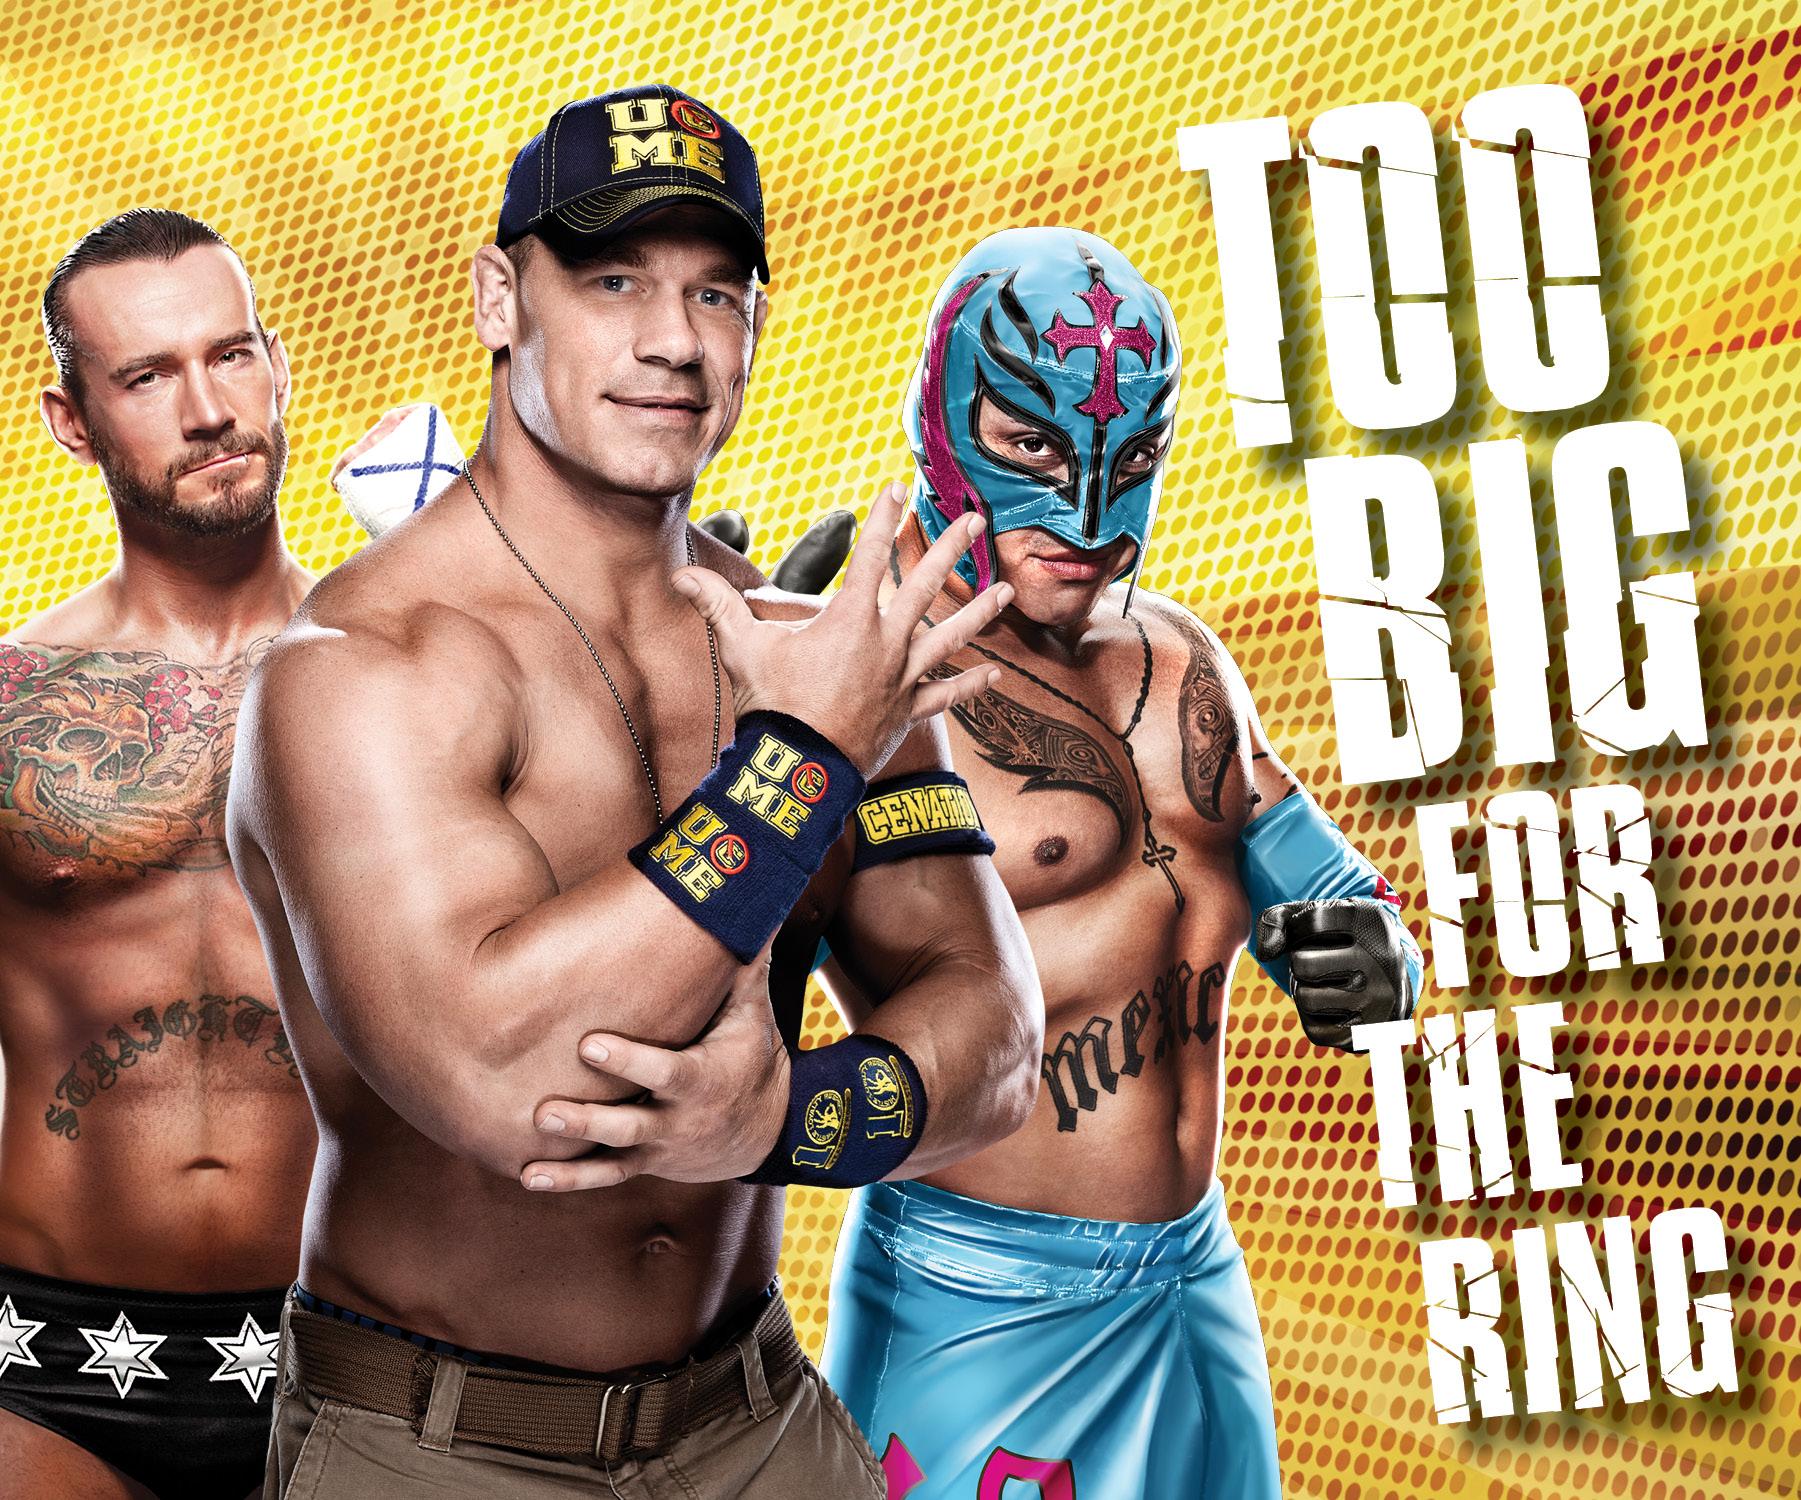 9-13-13 WWE Postcard-A.jpg